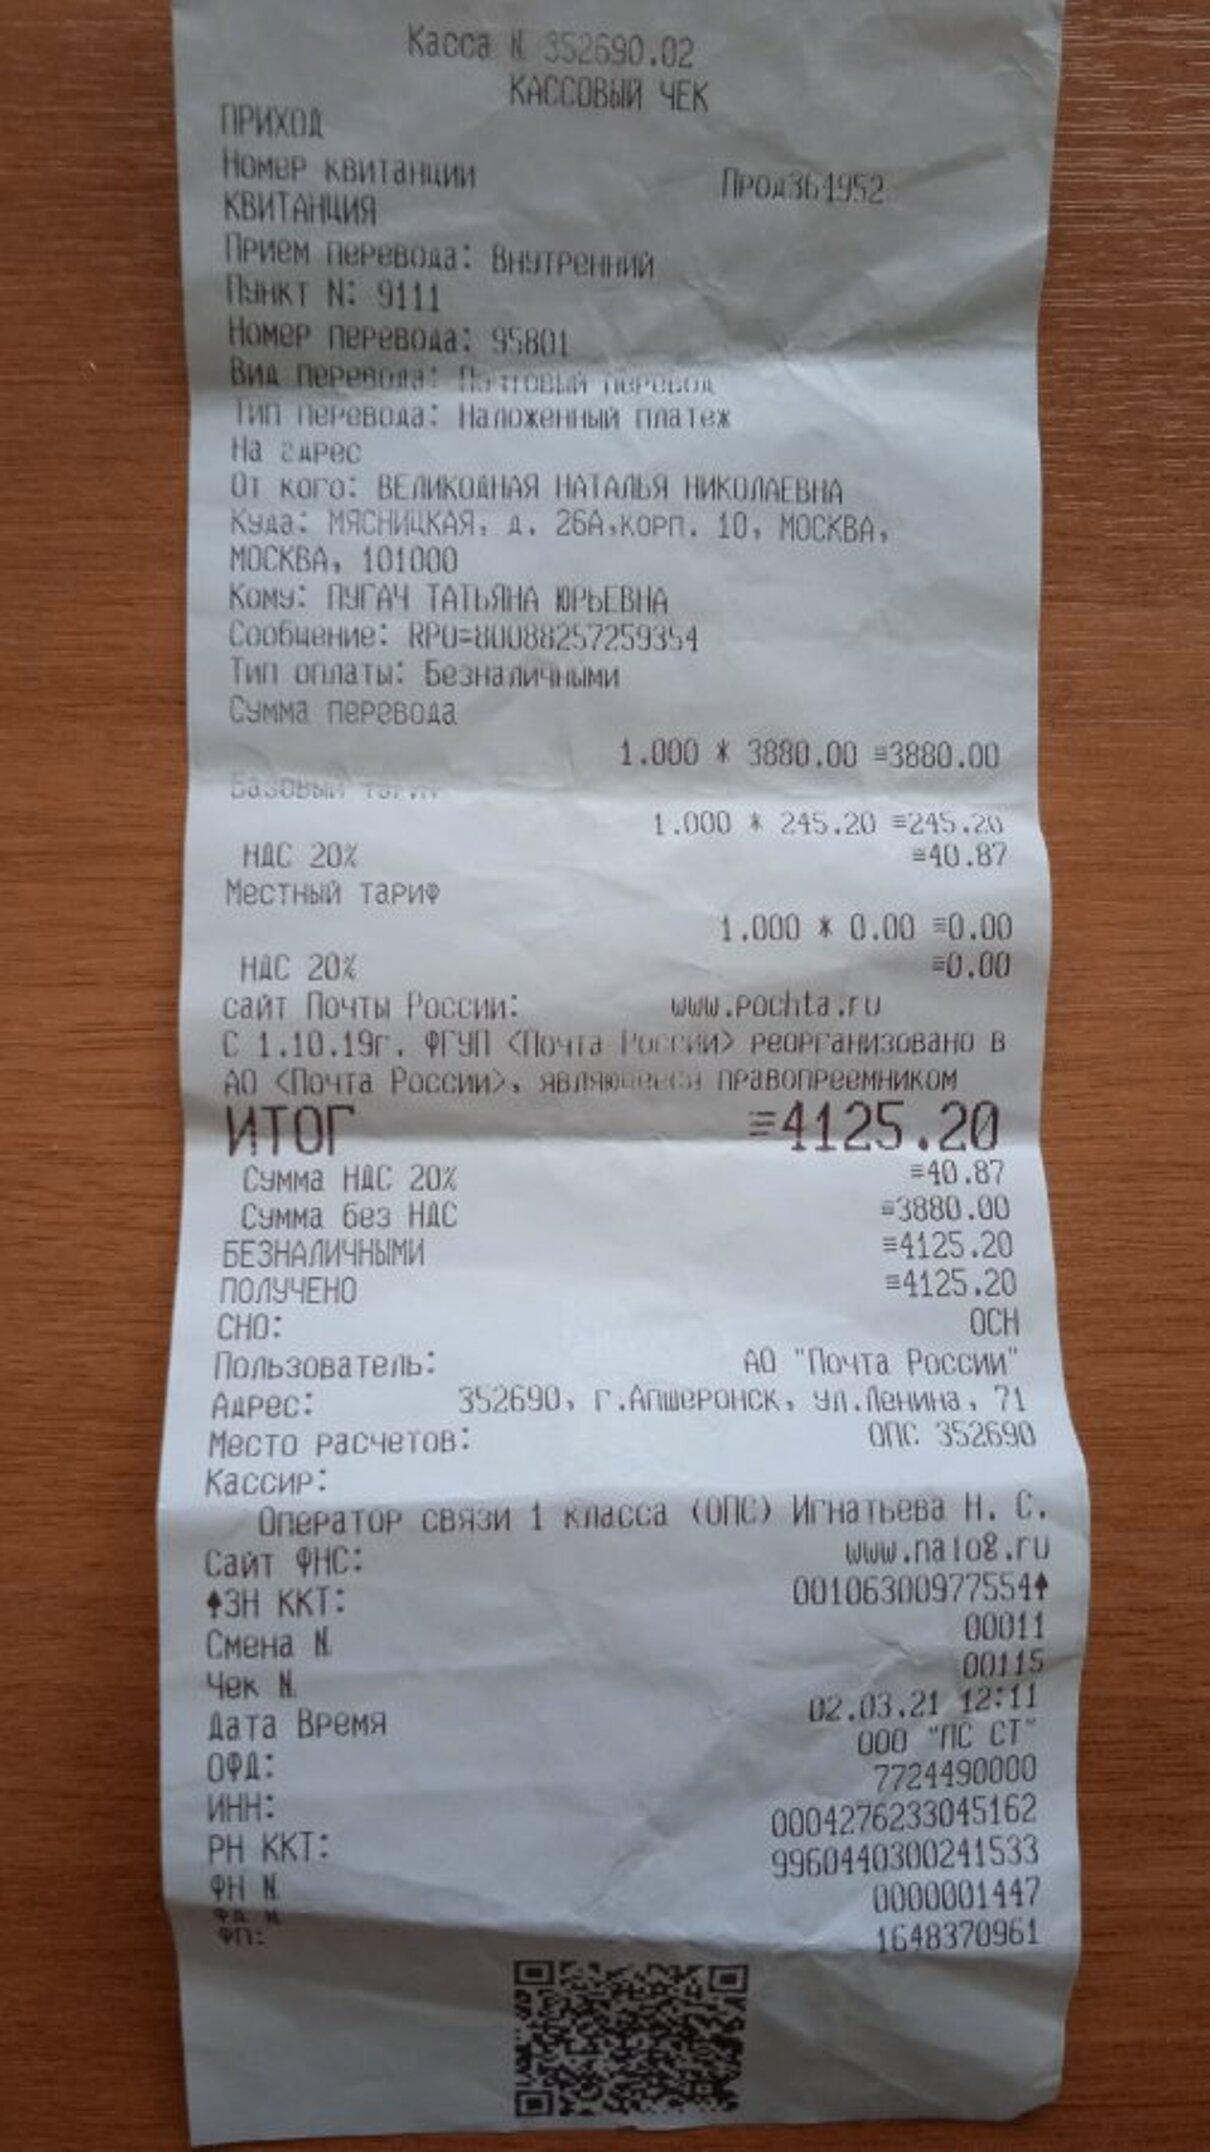 Жалоба-отзыв: Фирма Dress Me, распродажа стильных платьев из Италии, dressme.xcartpro.com - Мошенники.  Фото №3